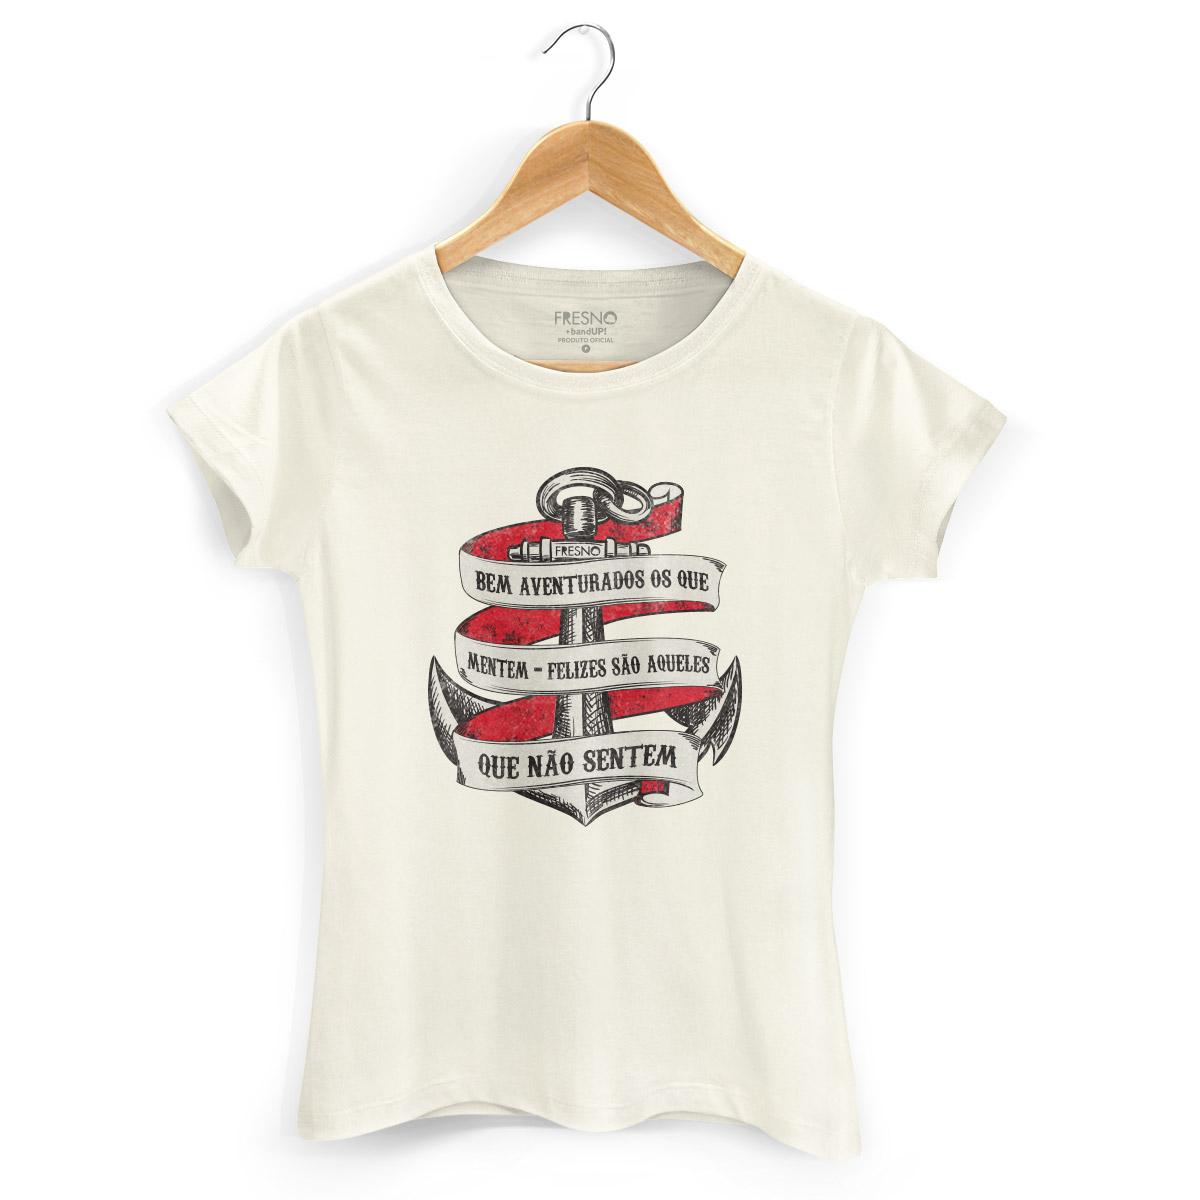 Camiseta Feminina Fresno Bem Aventurados os Que Mentem